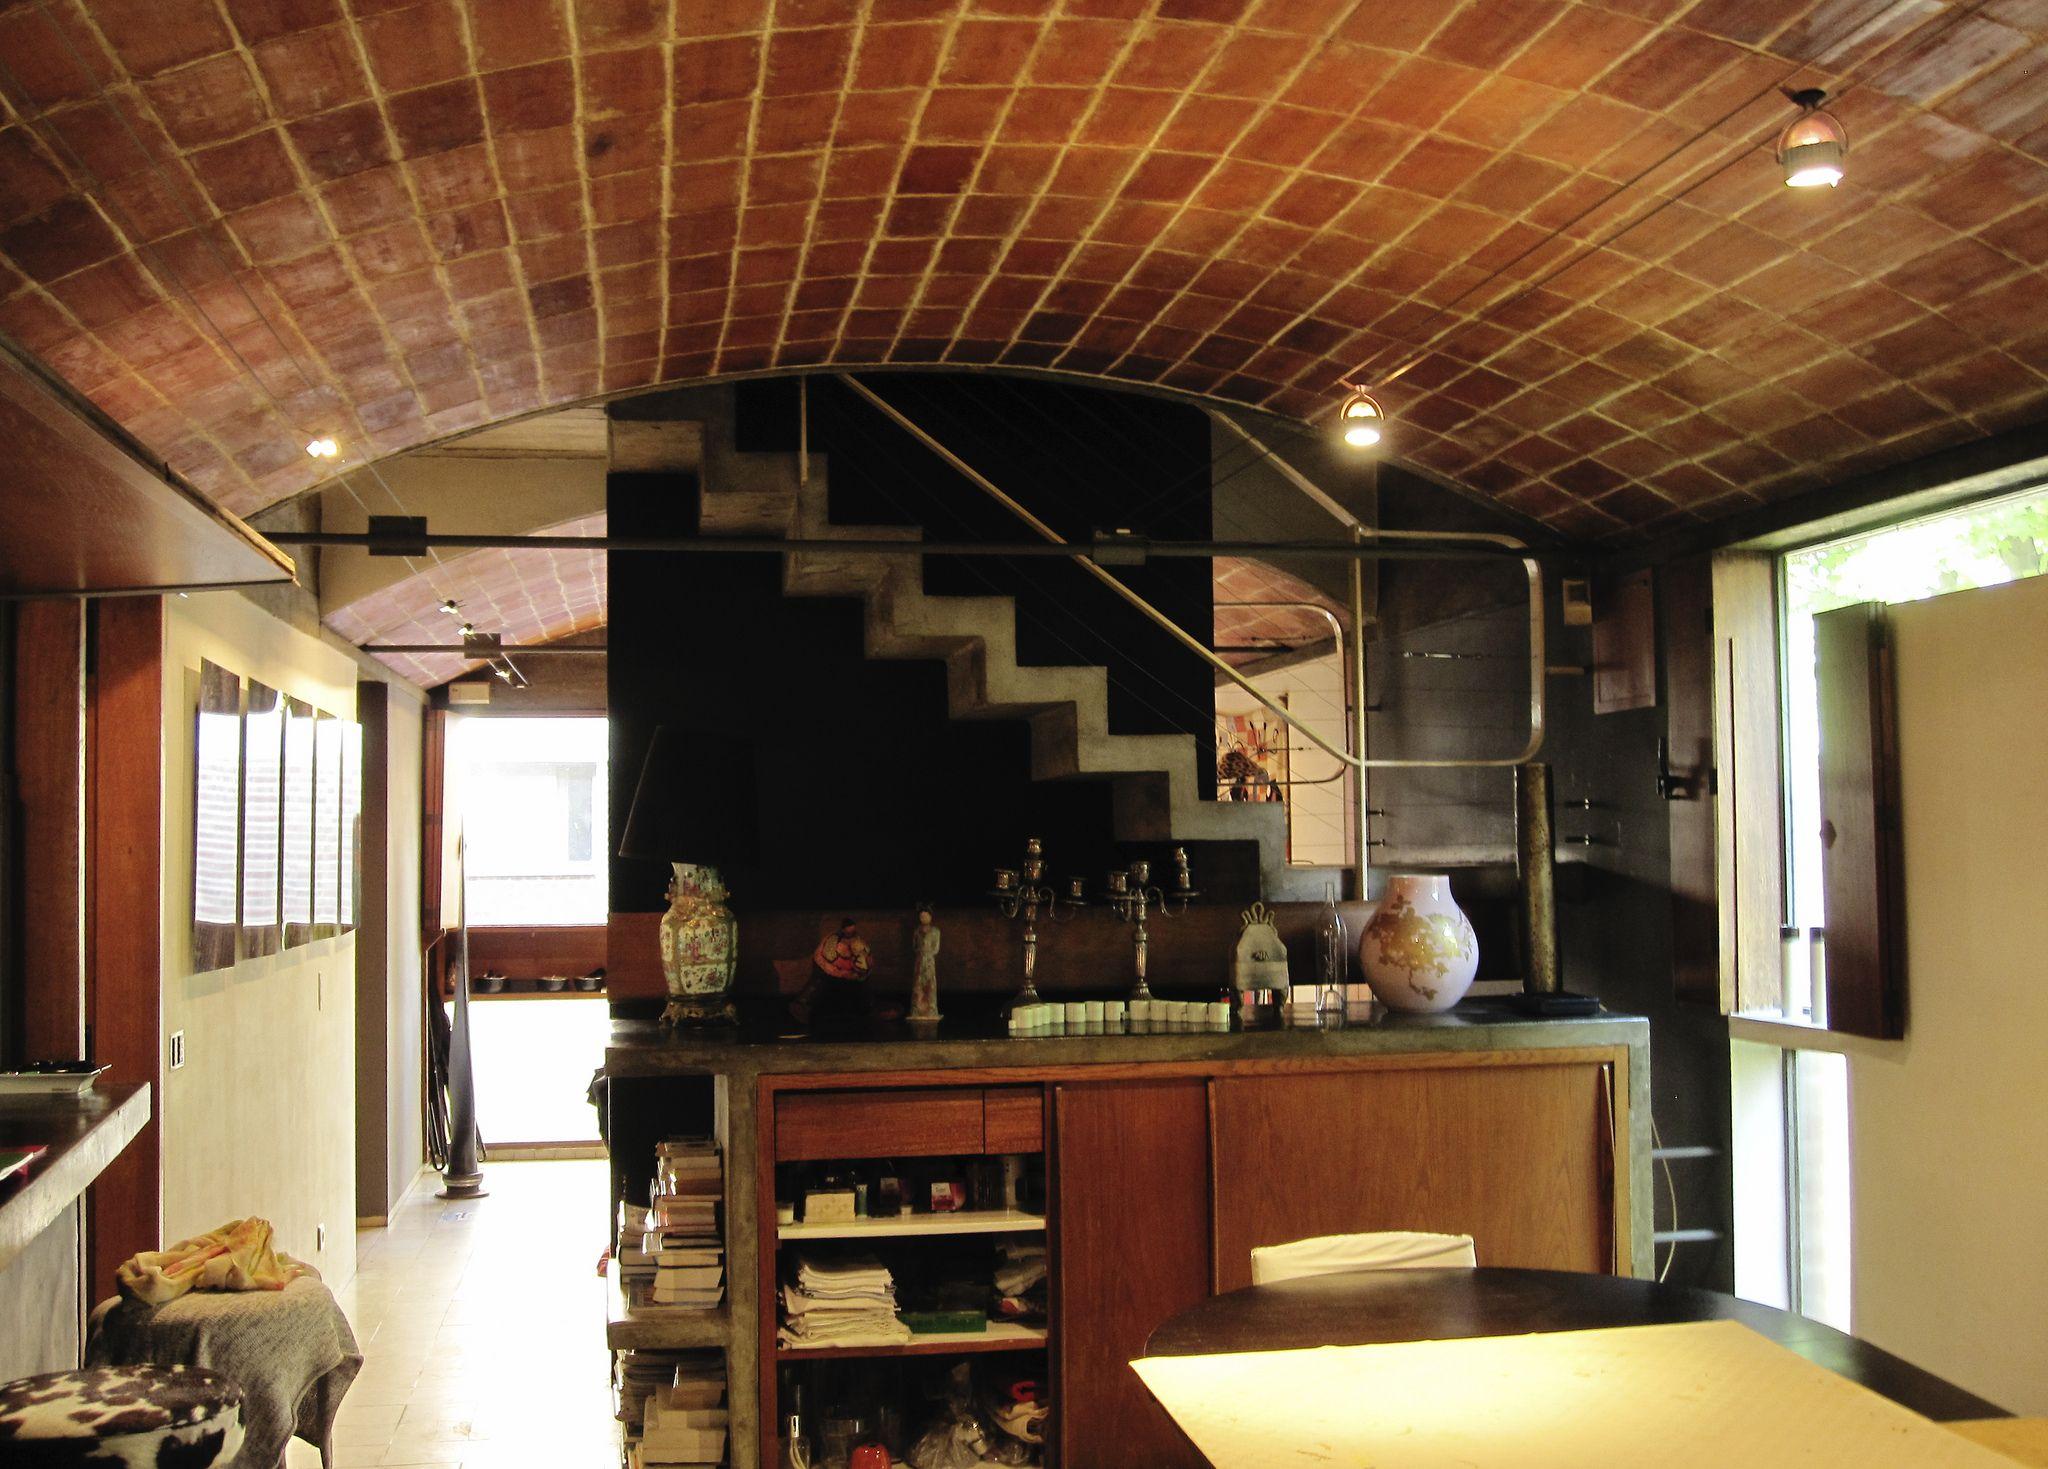 le corbusier maison jaoul le corbusier pinterest arquitectura arquitectos and planos. Black Bedroom Furniture Sets. Home Design Ideas